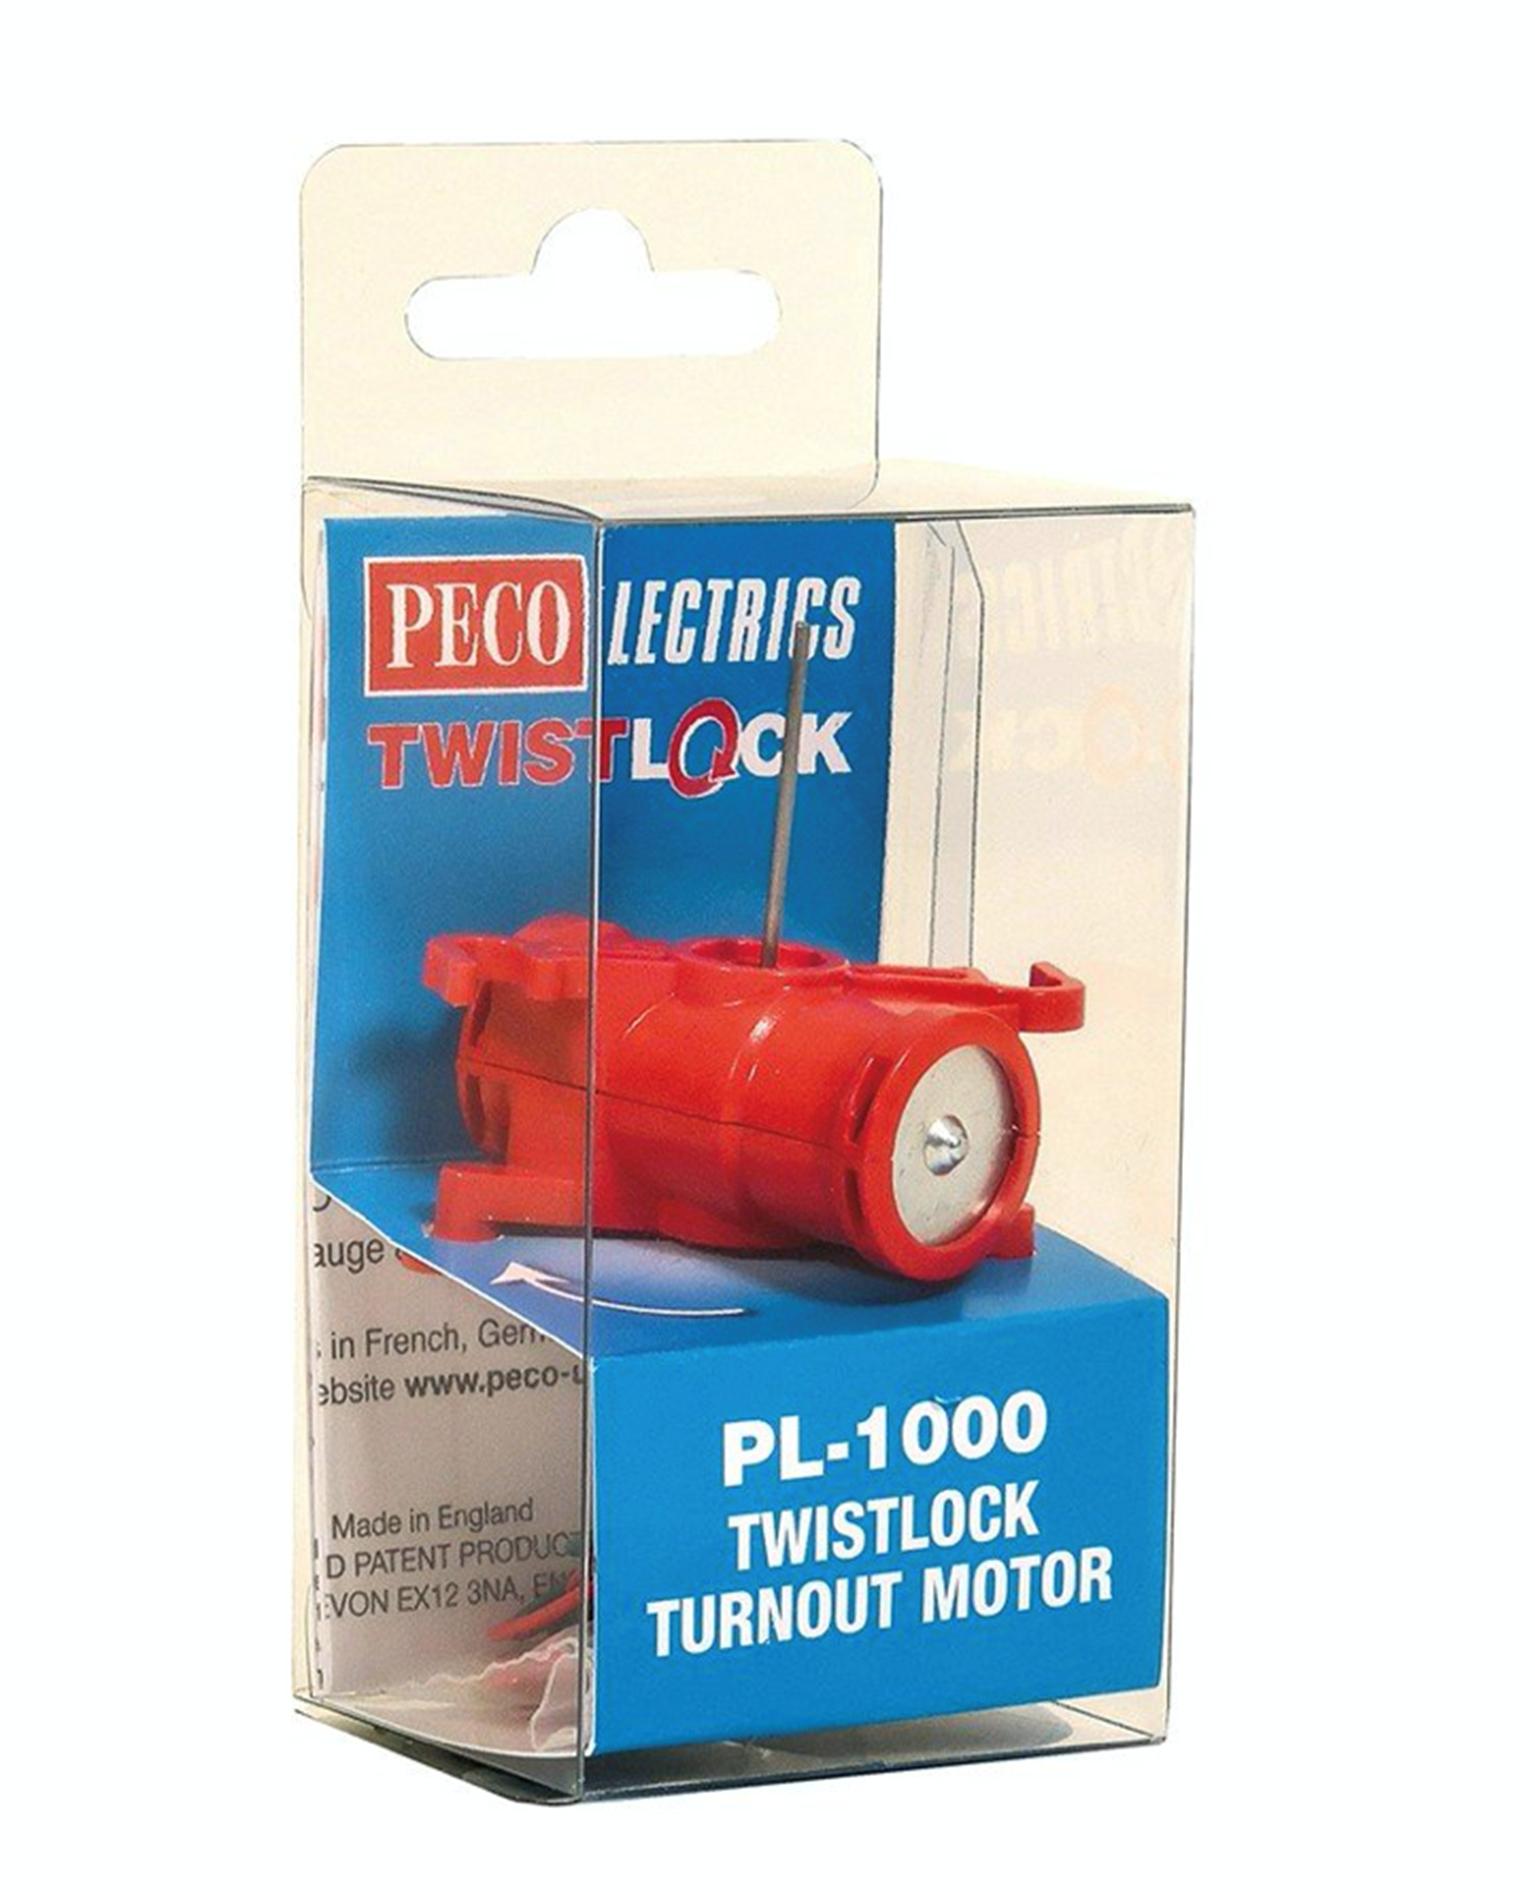 Pecolectrics Twistlock Turnout Motor